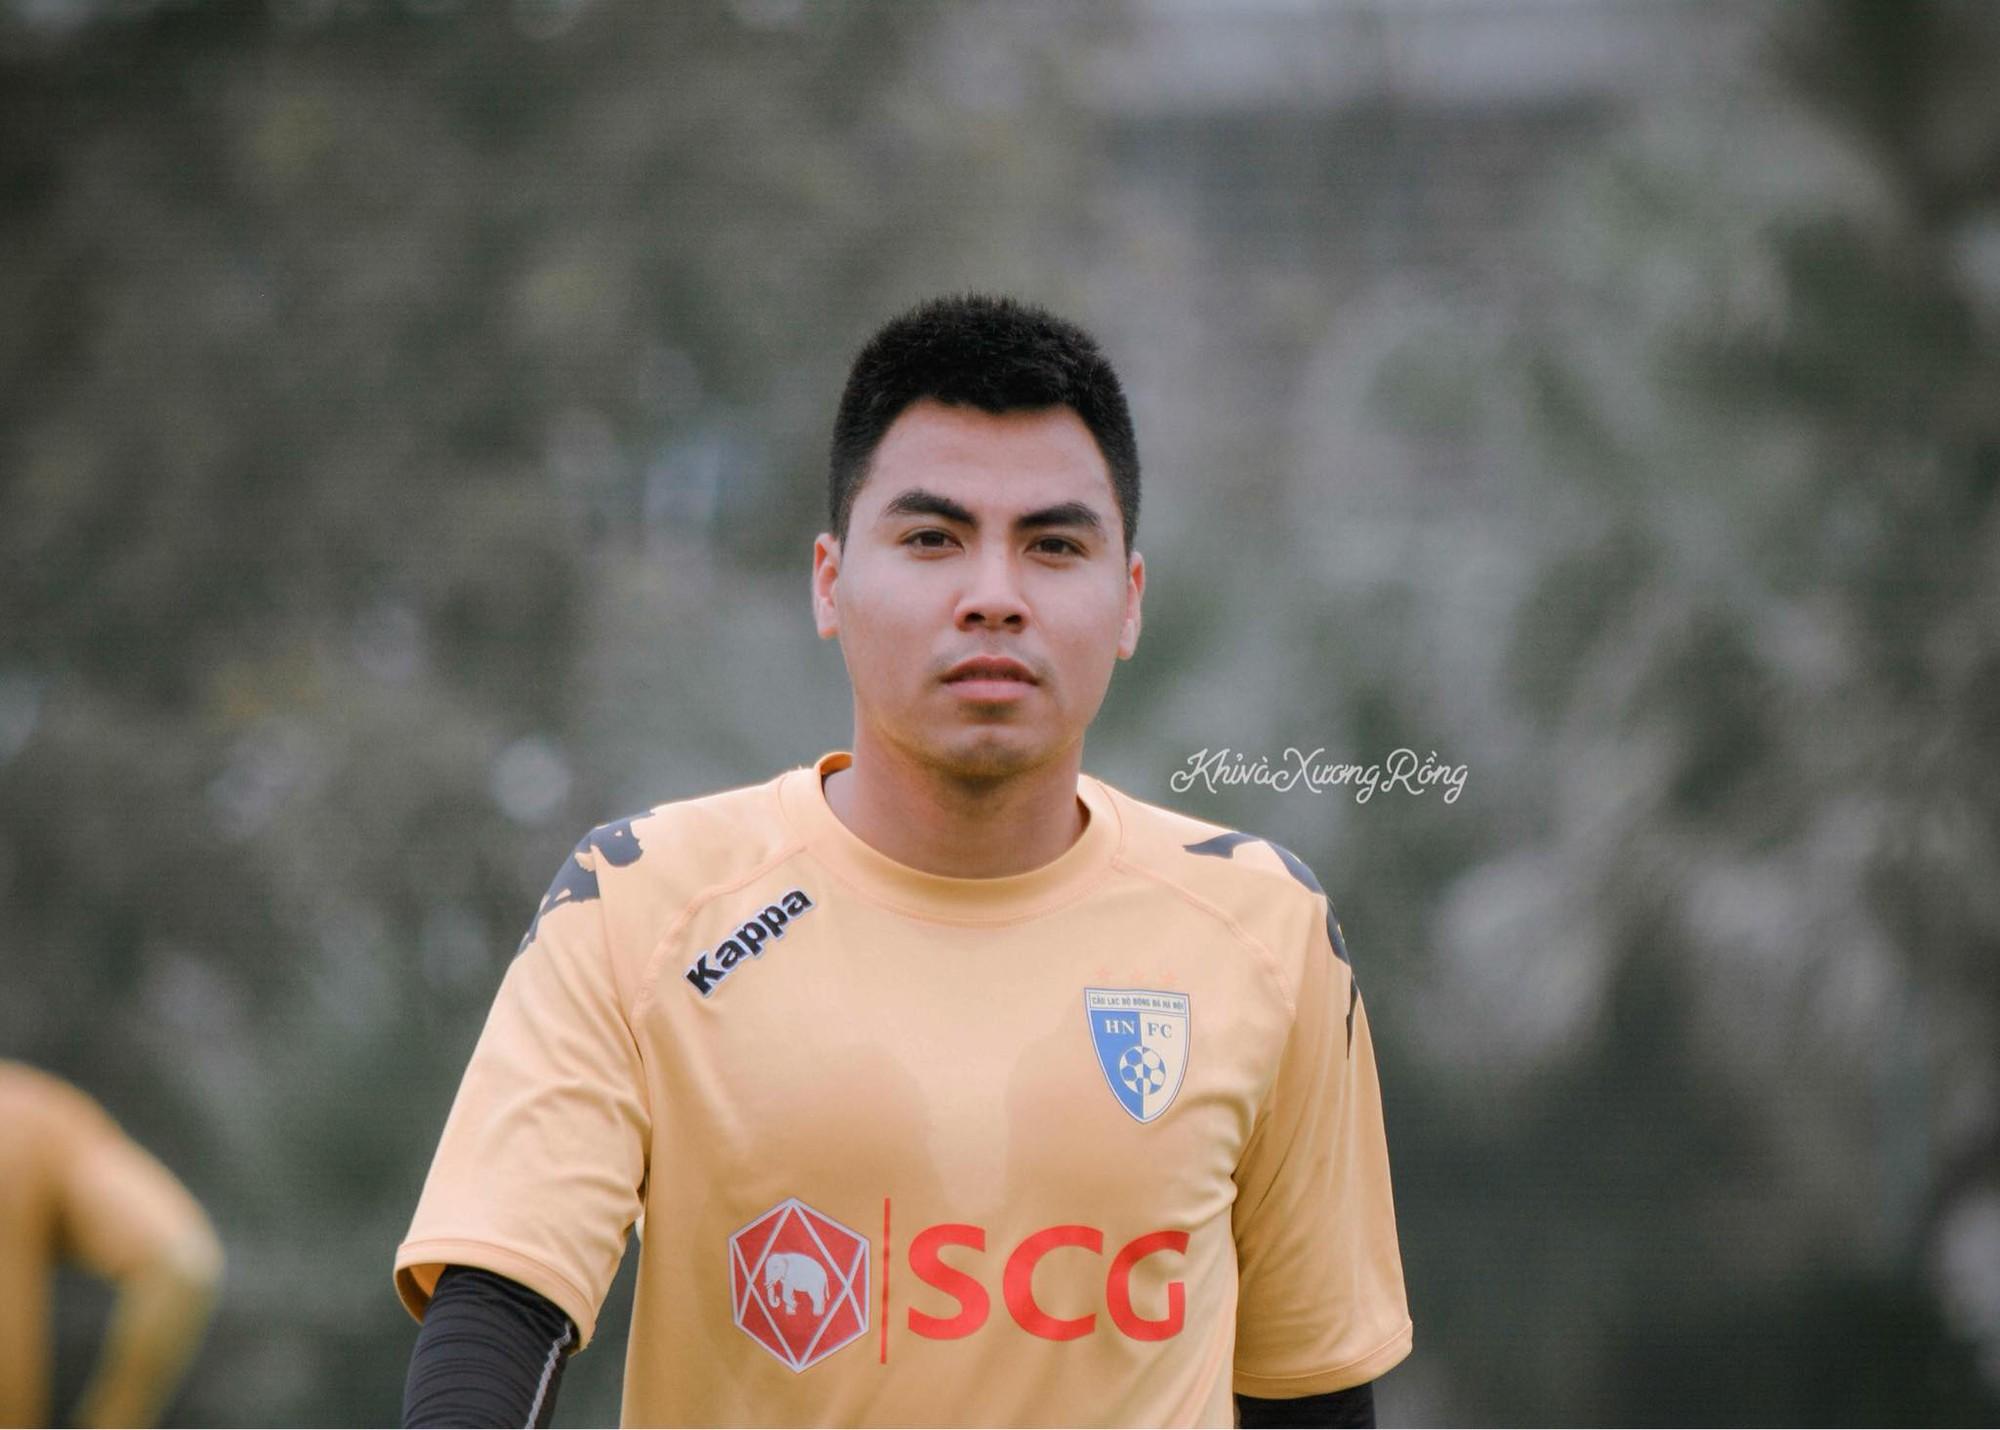 """Từ những cô nàng chẳng biết gì về bóng đá, đến """"Fandom quốc dân"""" dễ thương nhất, văn minh nhất của U23 Việt Nam - Ảnh 11."""